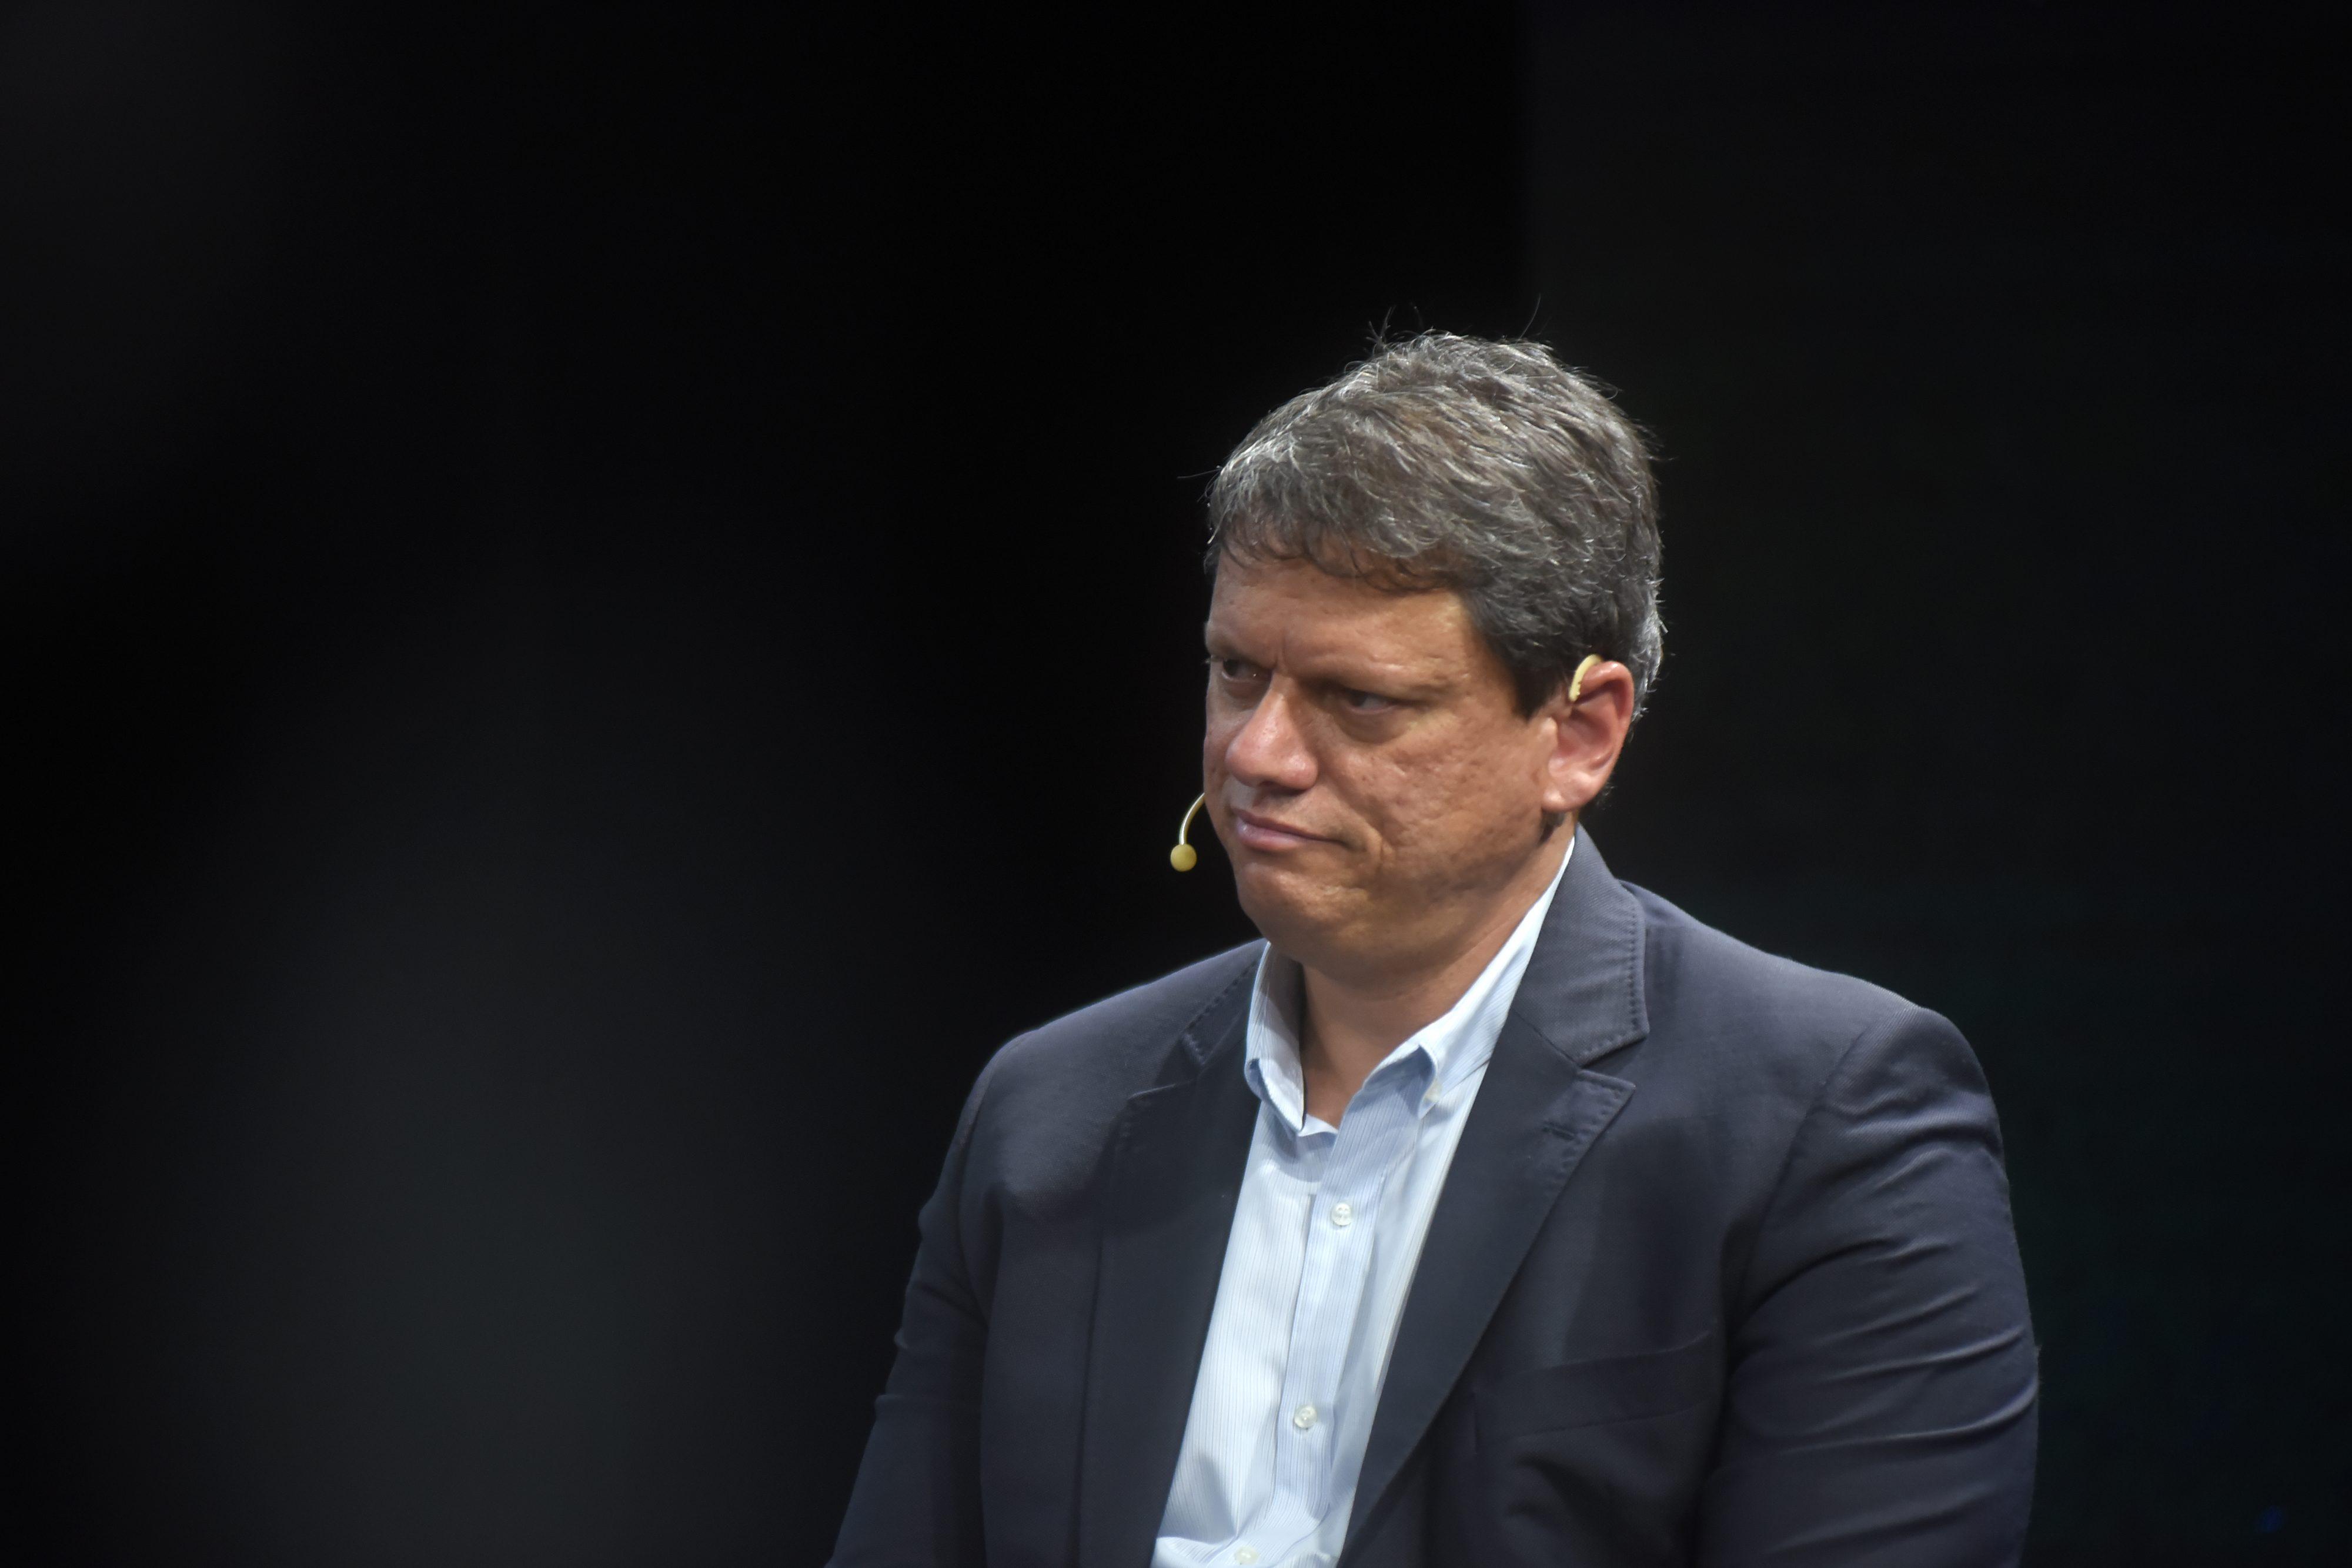 IMAGEM: Tarcísio quer privatizar aeroportos antes de deixar cargo para disputar eleição